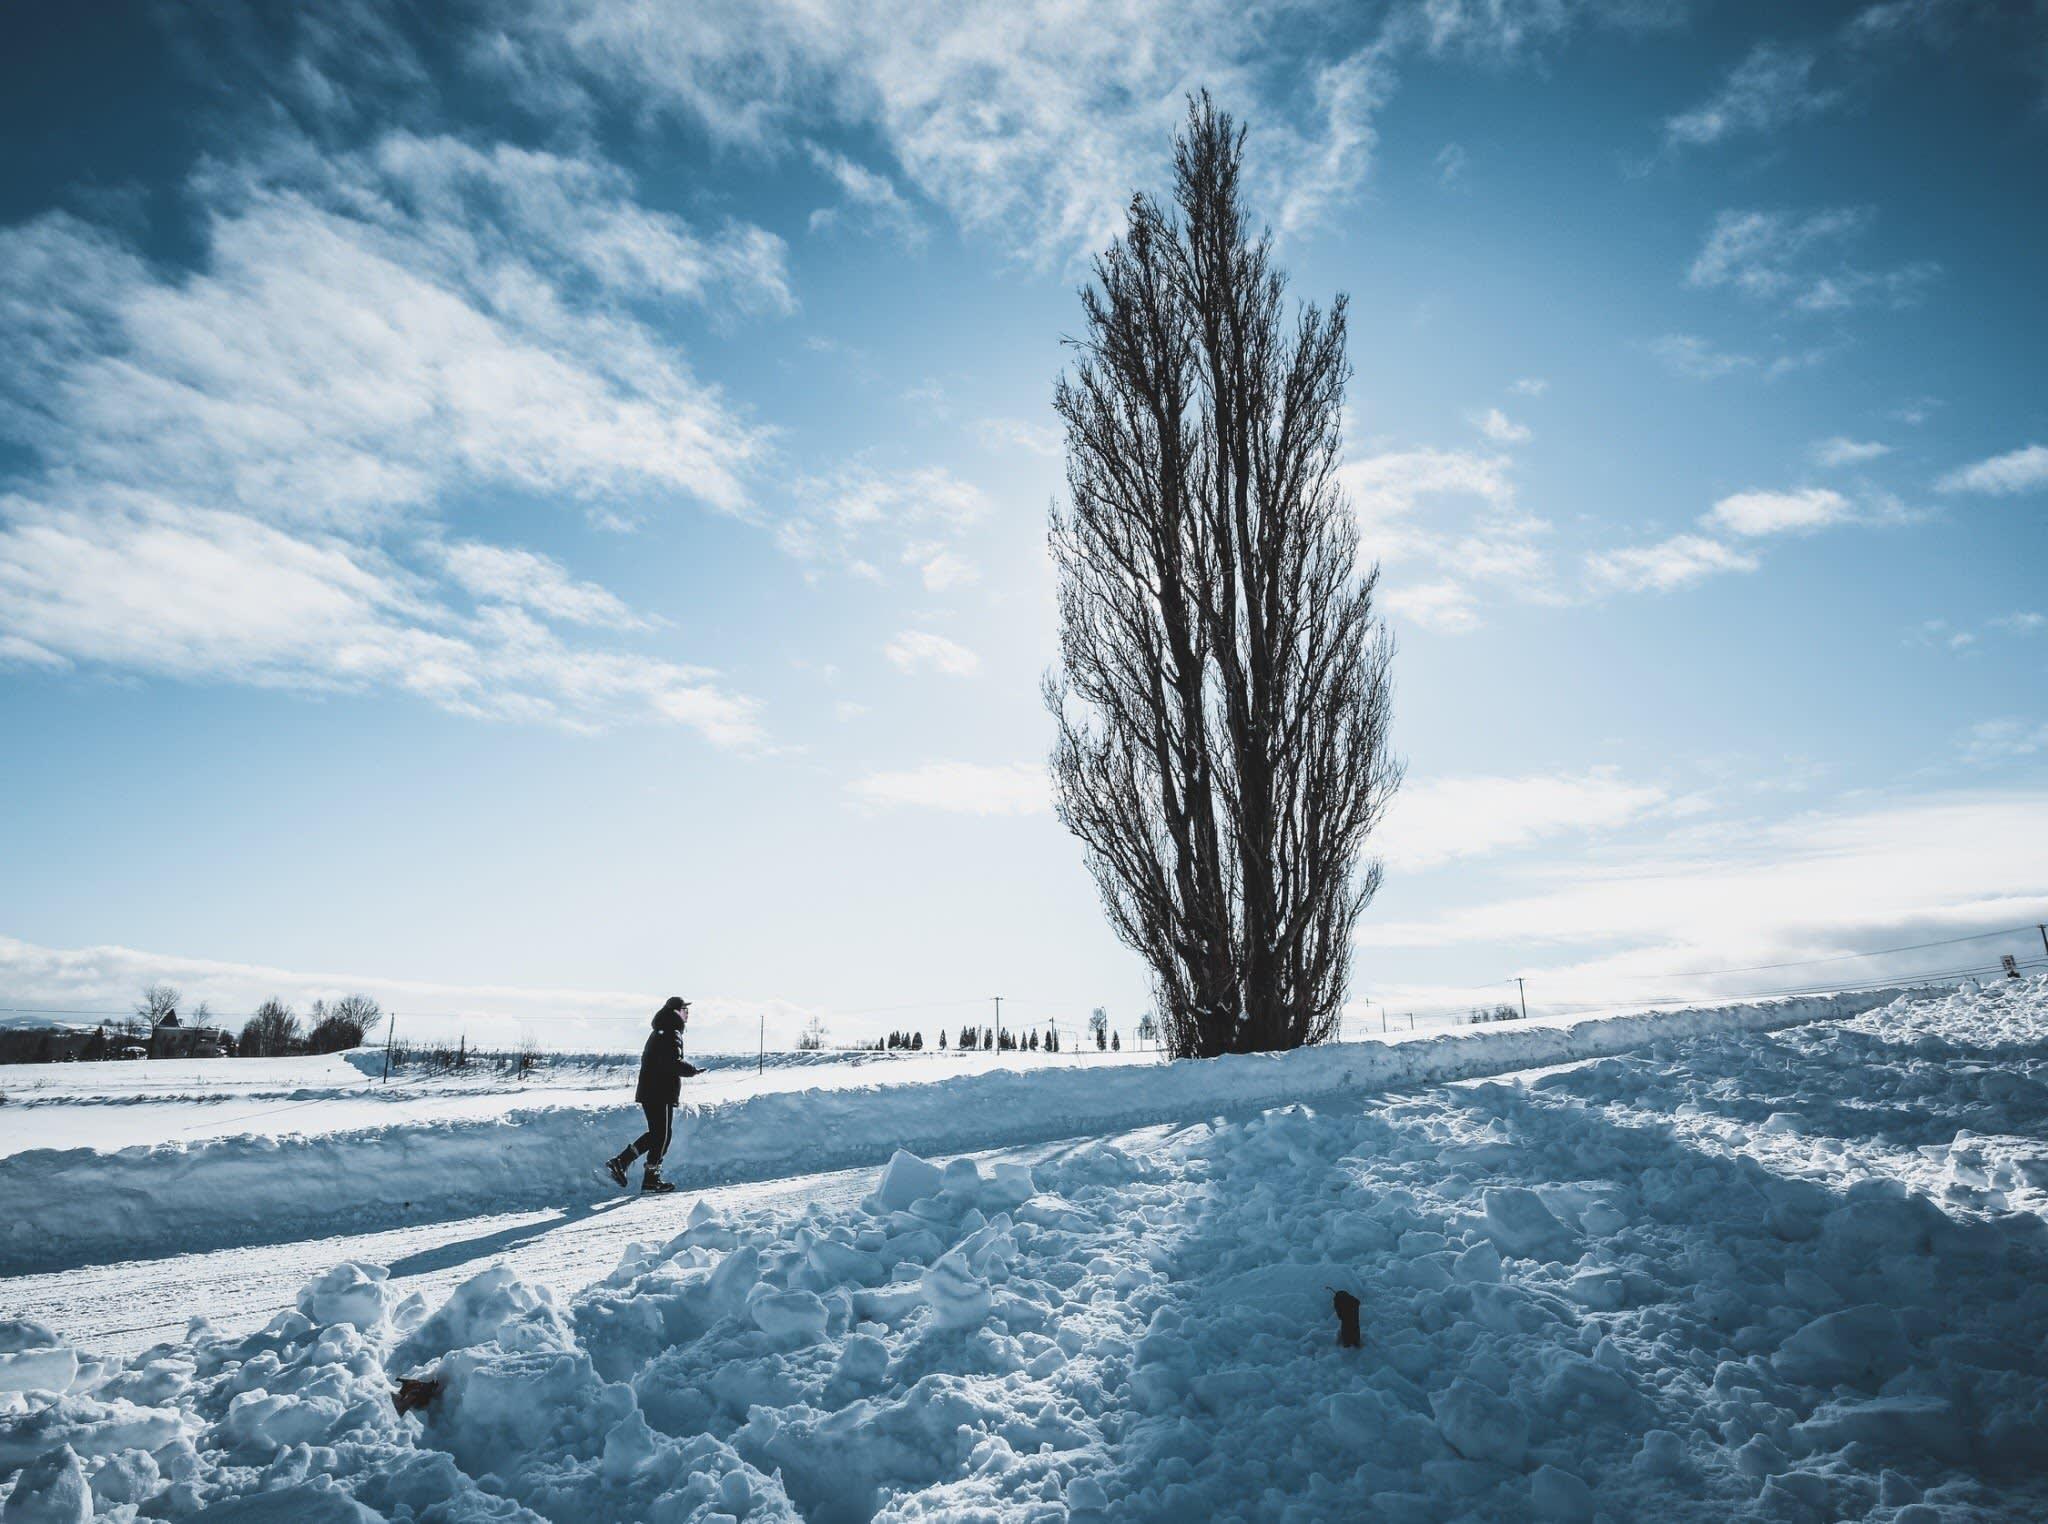 ケンとメリーの木 。 Photographer|Zach Huang